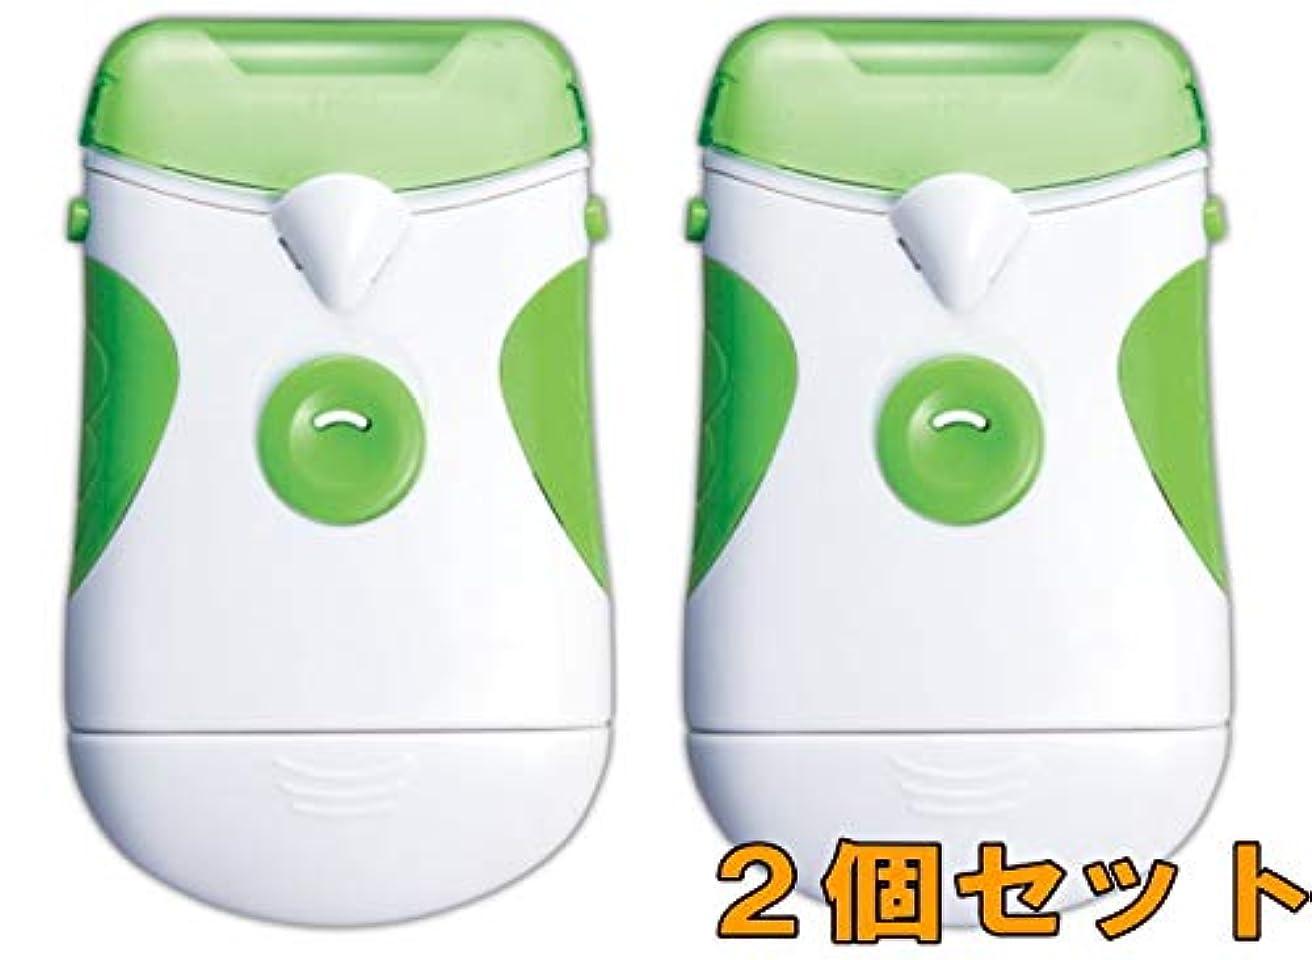 テスト限り分数【2個セット】 電動爪切り(ライト付) 爪やすり 爪削り 足爪 硬い爪 電池式